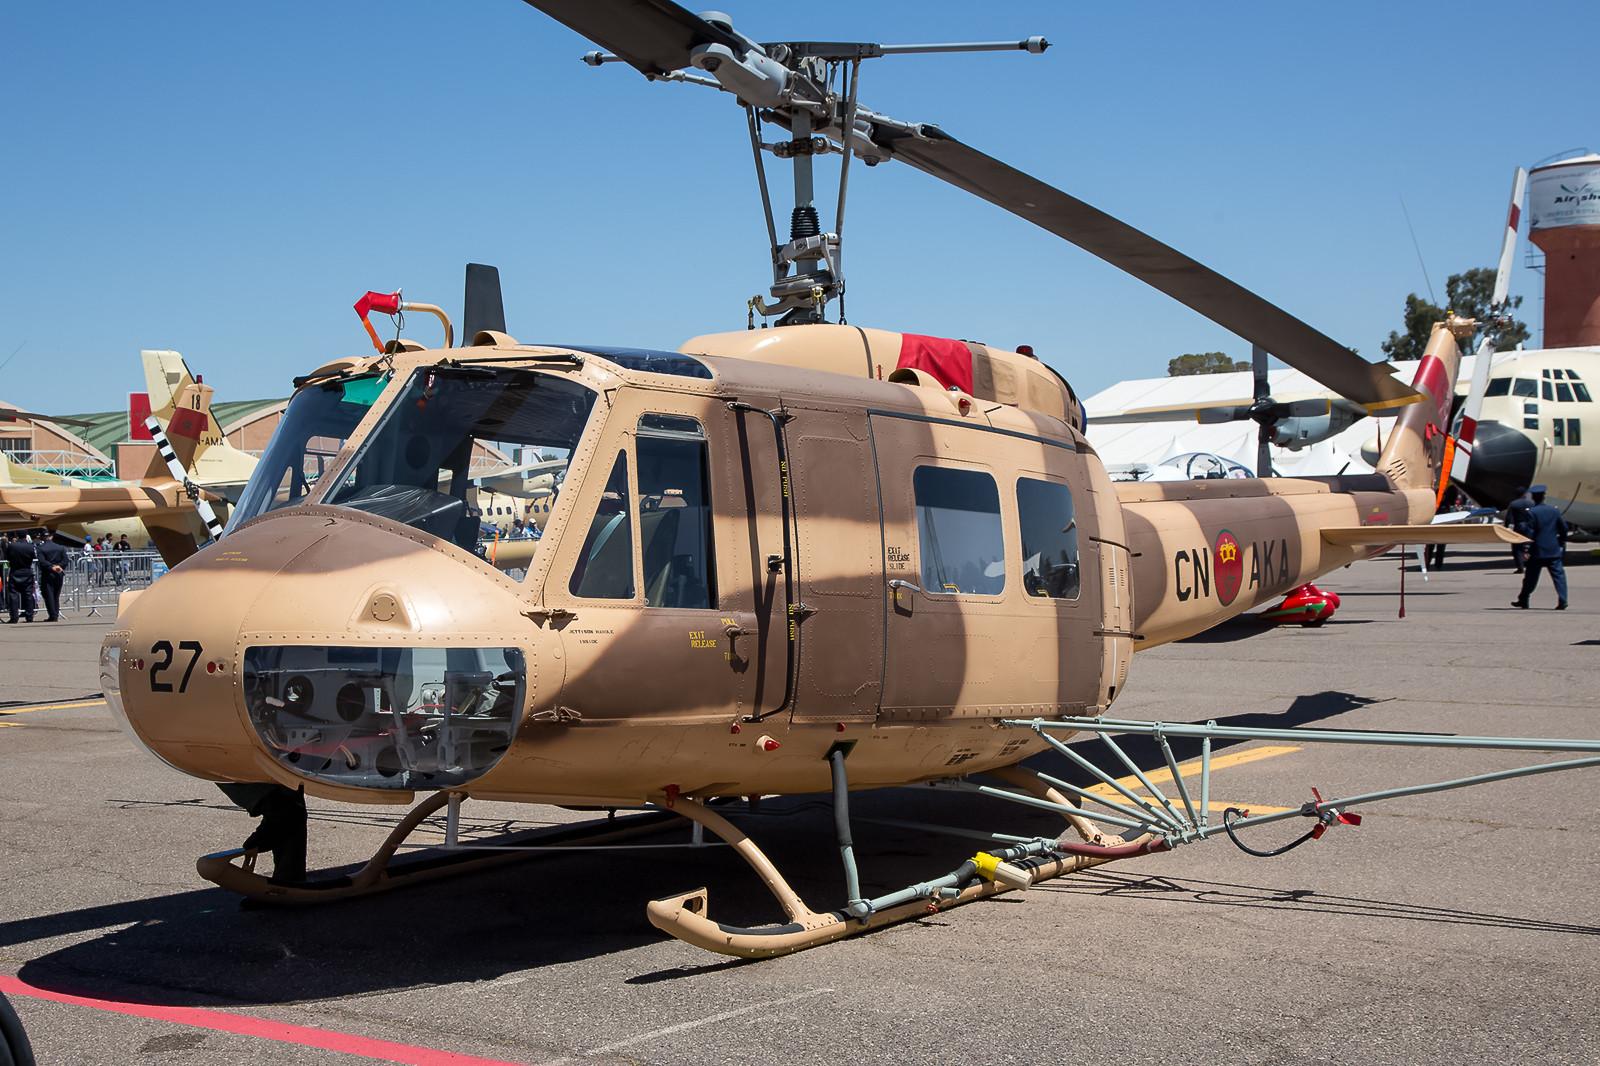 Die AB-205 sind in Marokko schon seit 1968 im Dienst.